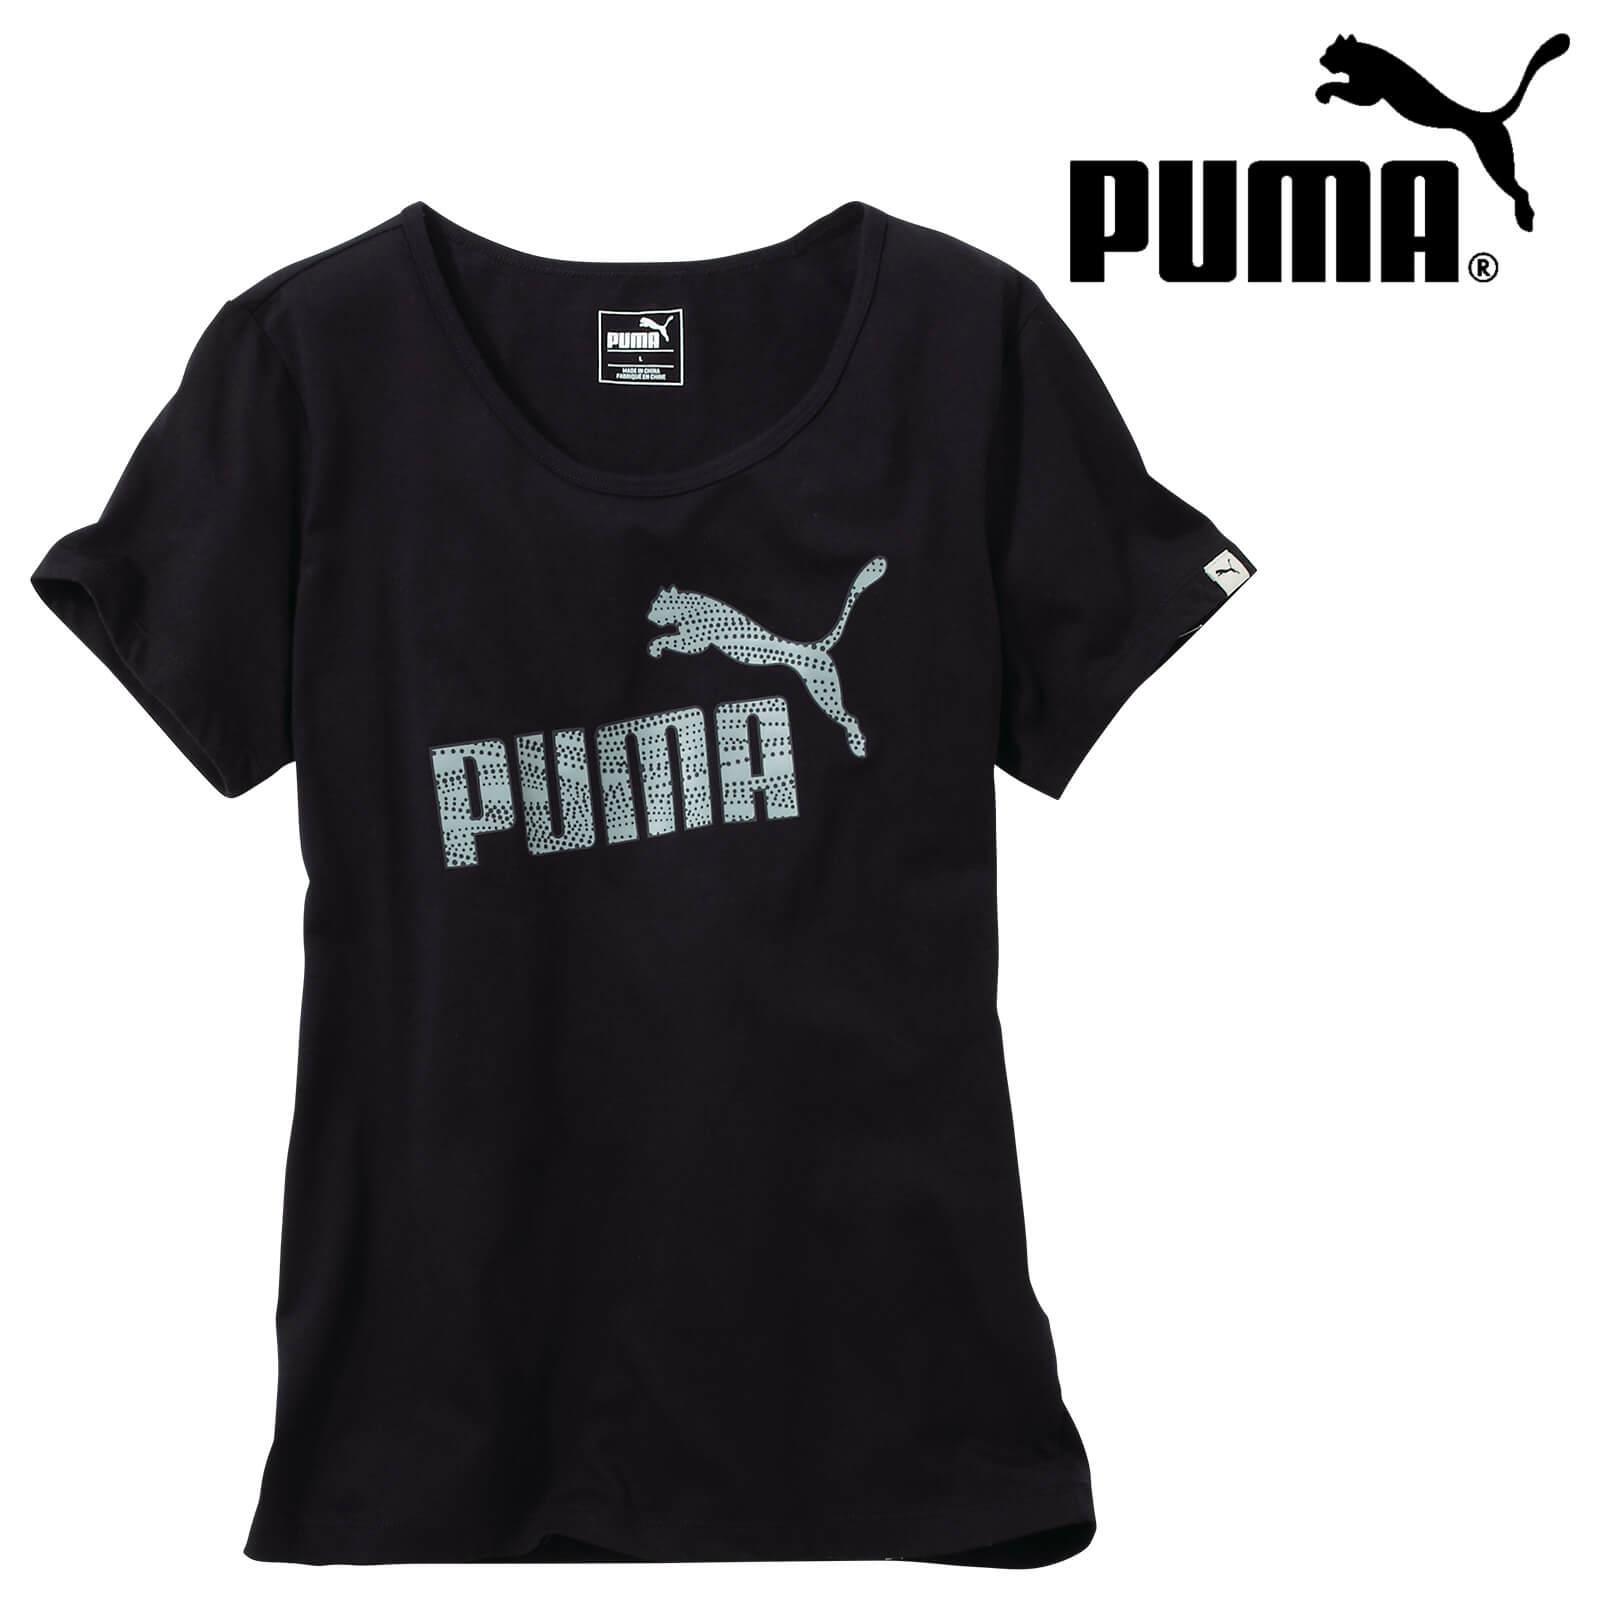 ・プーマ<PUMA>